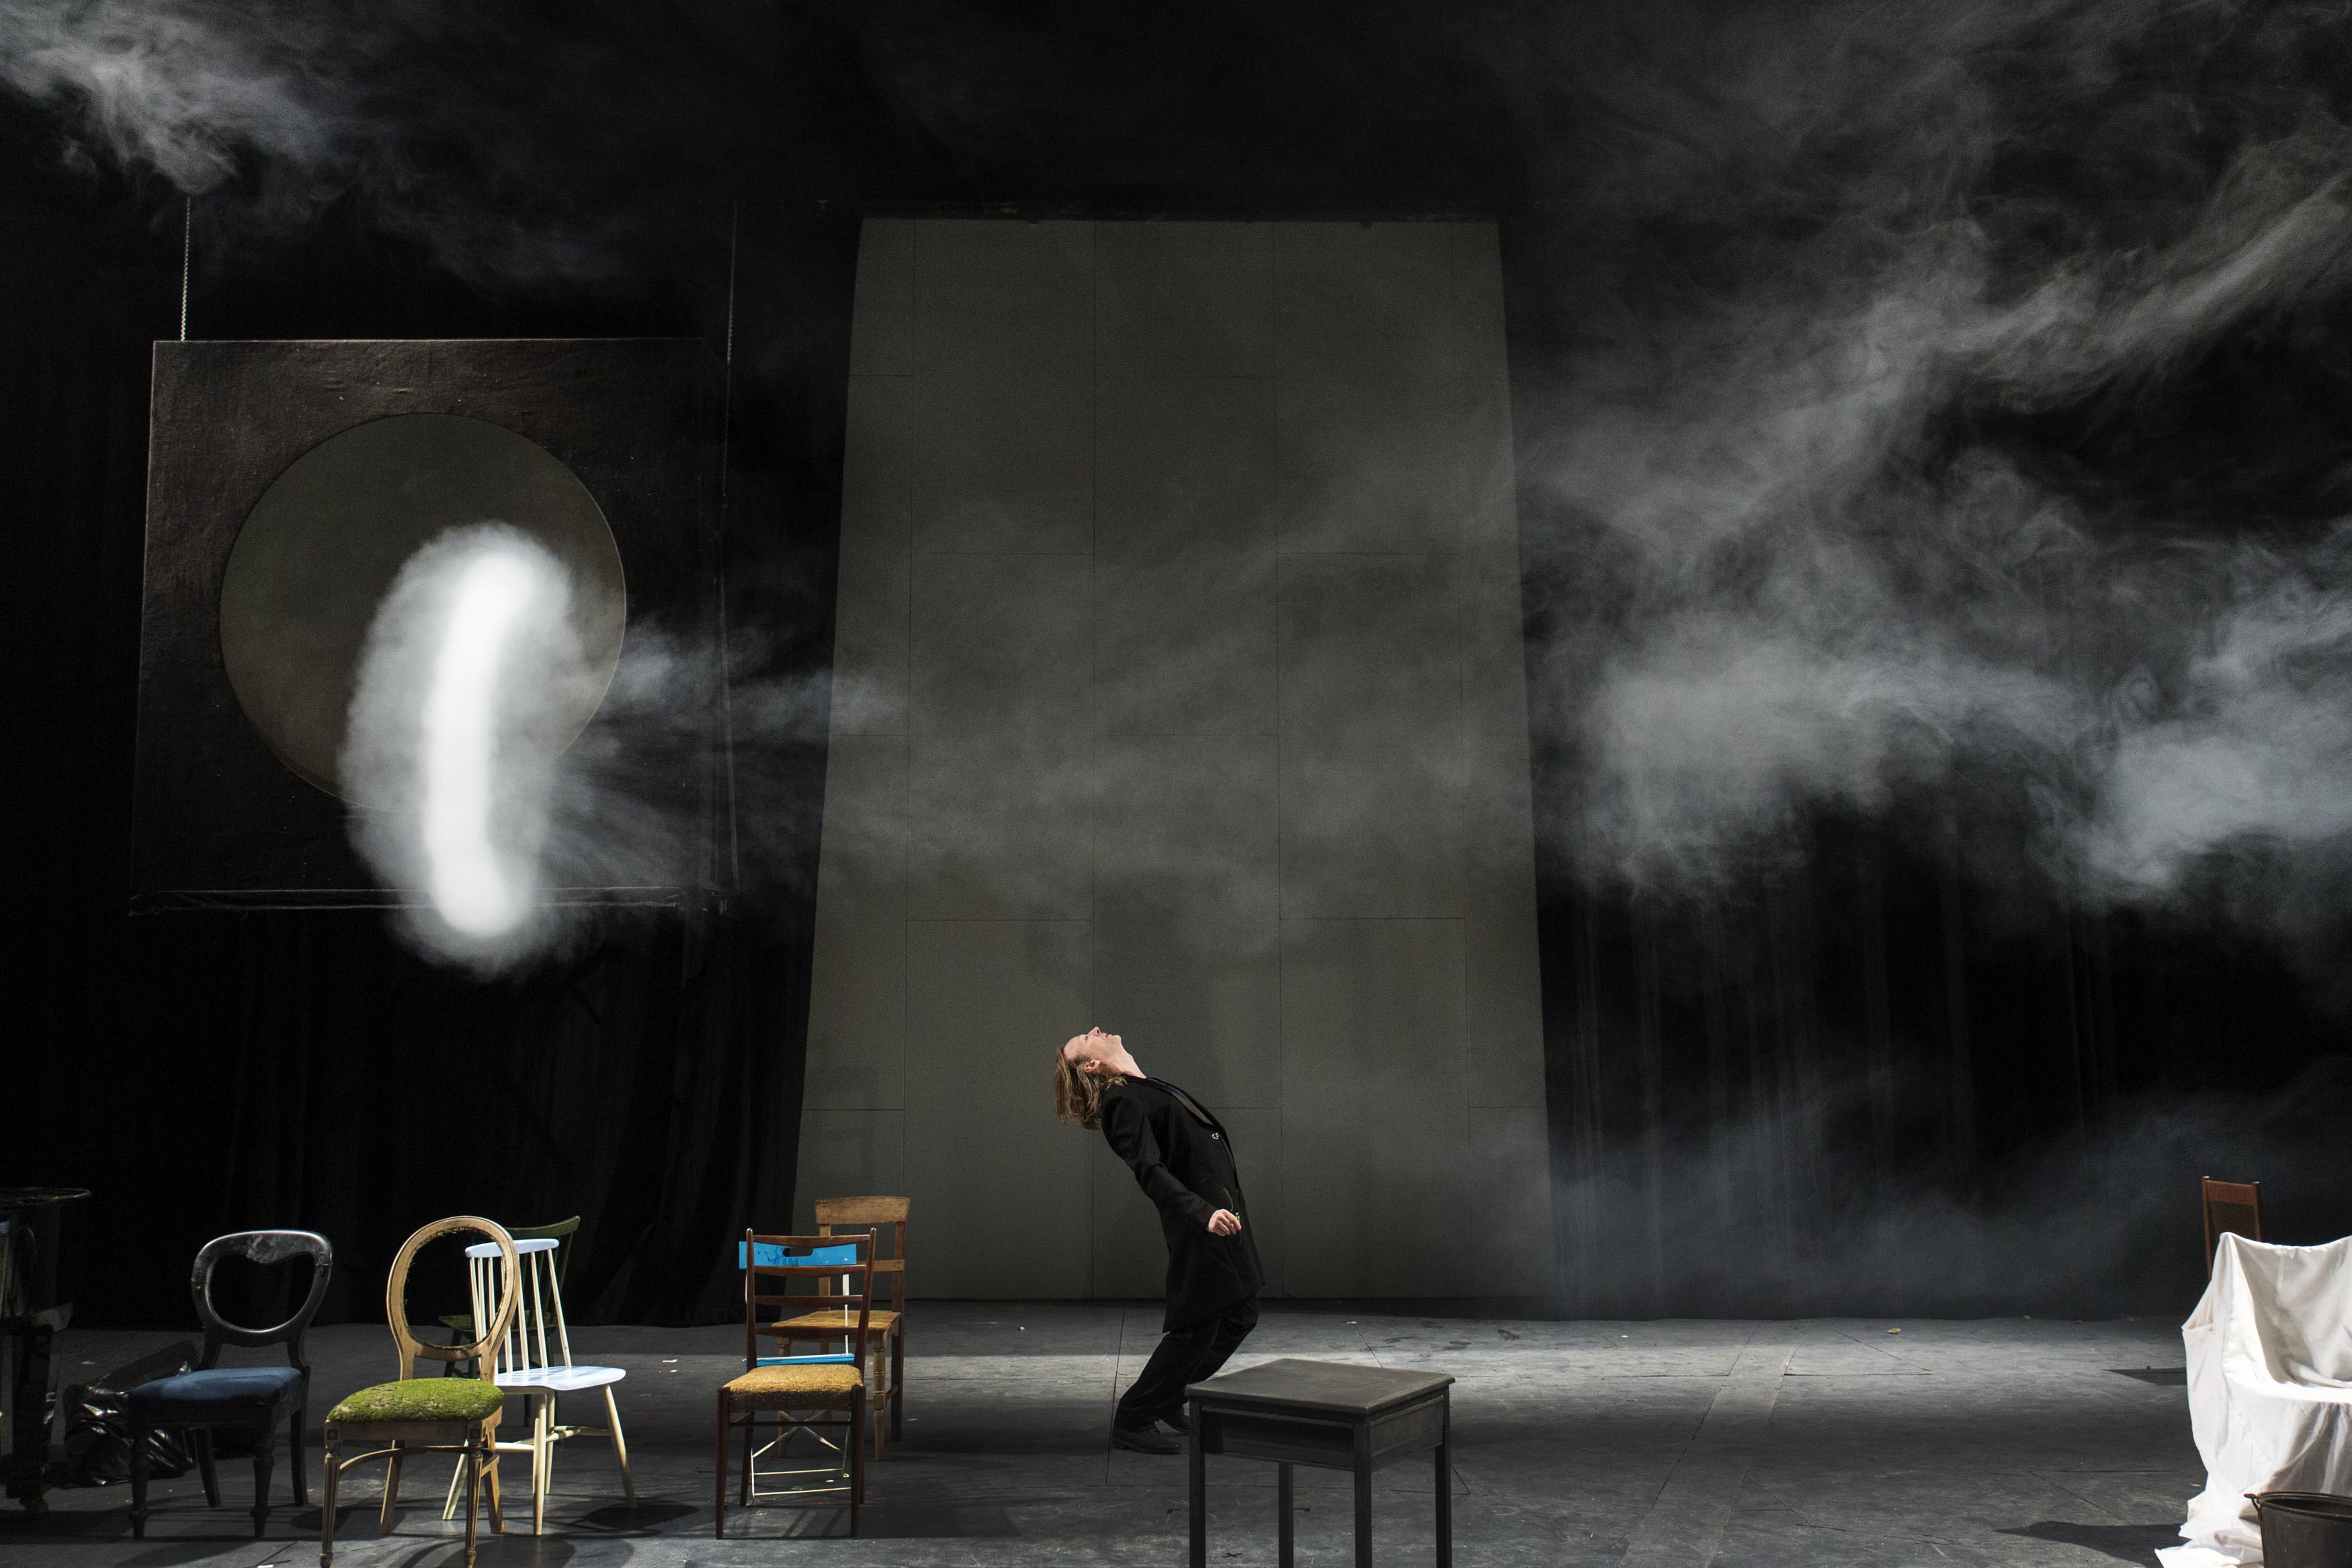 """Den Haag, 14-10-2014. Beeld uit de voorstelling """"Metamorfosen"""" regie Aus Greidanus sr. bij toneelgroep de Appel. Foto: Leo Van Velzen."""